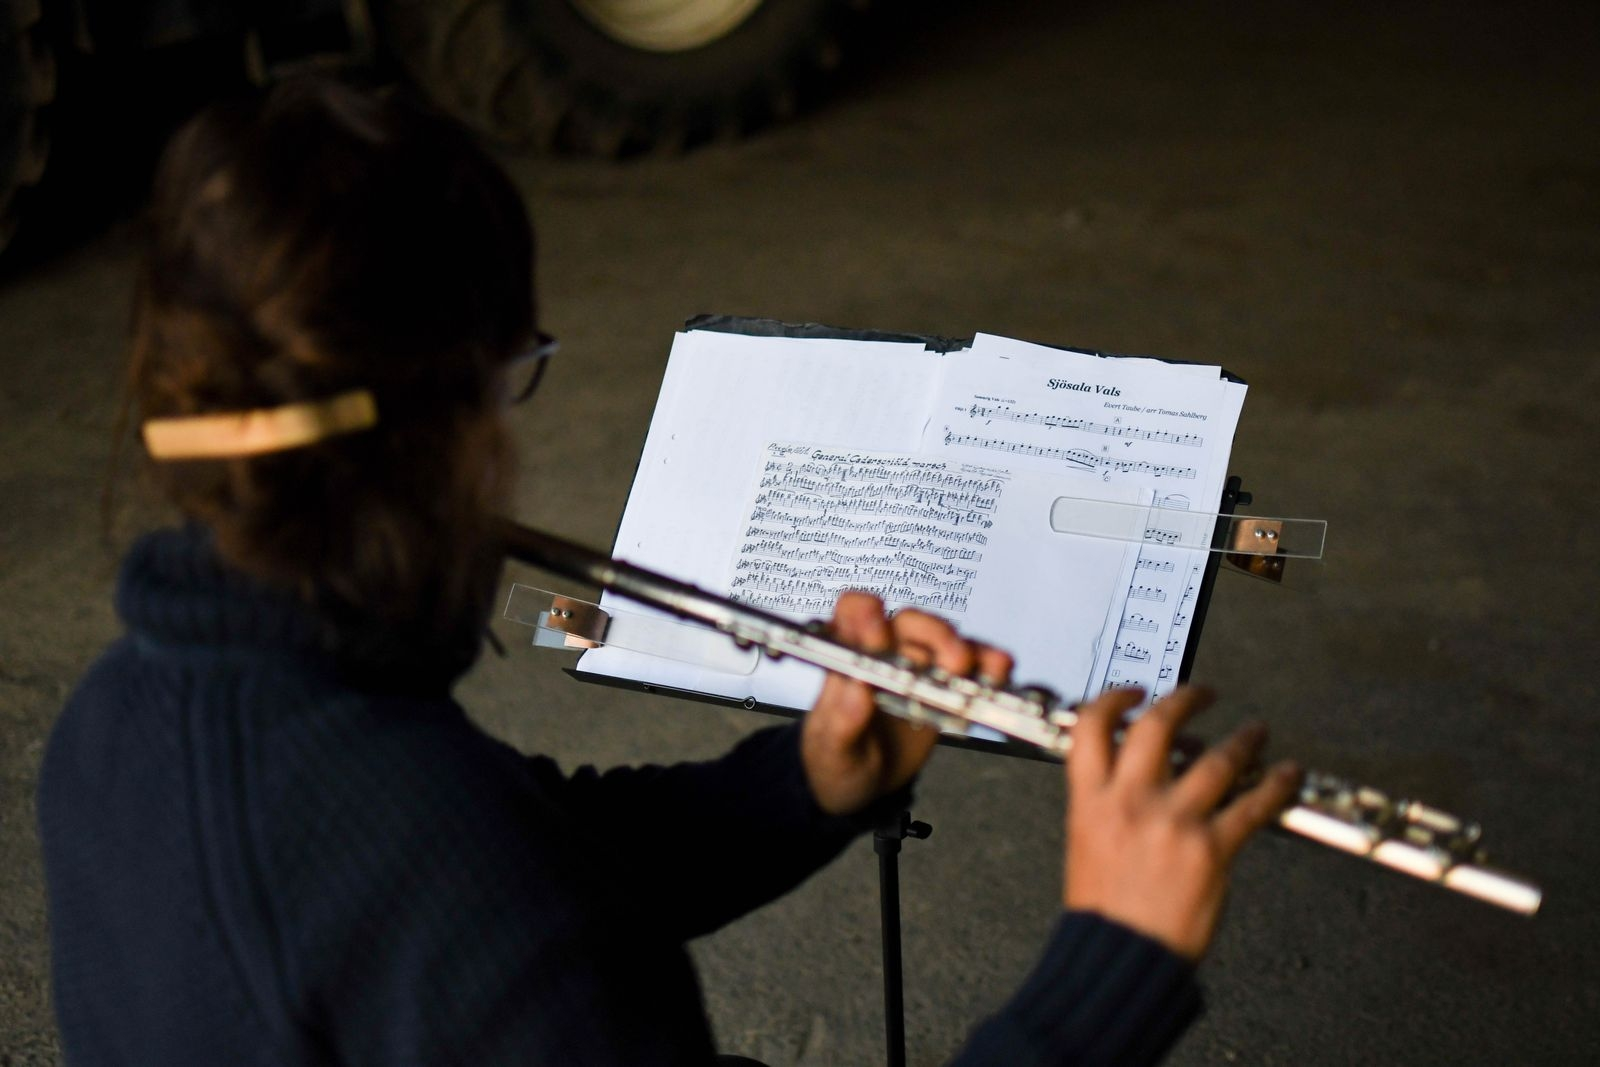 Lördagen den 4 september klockan 13 ger musikkåren en picknick-konsert.